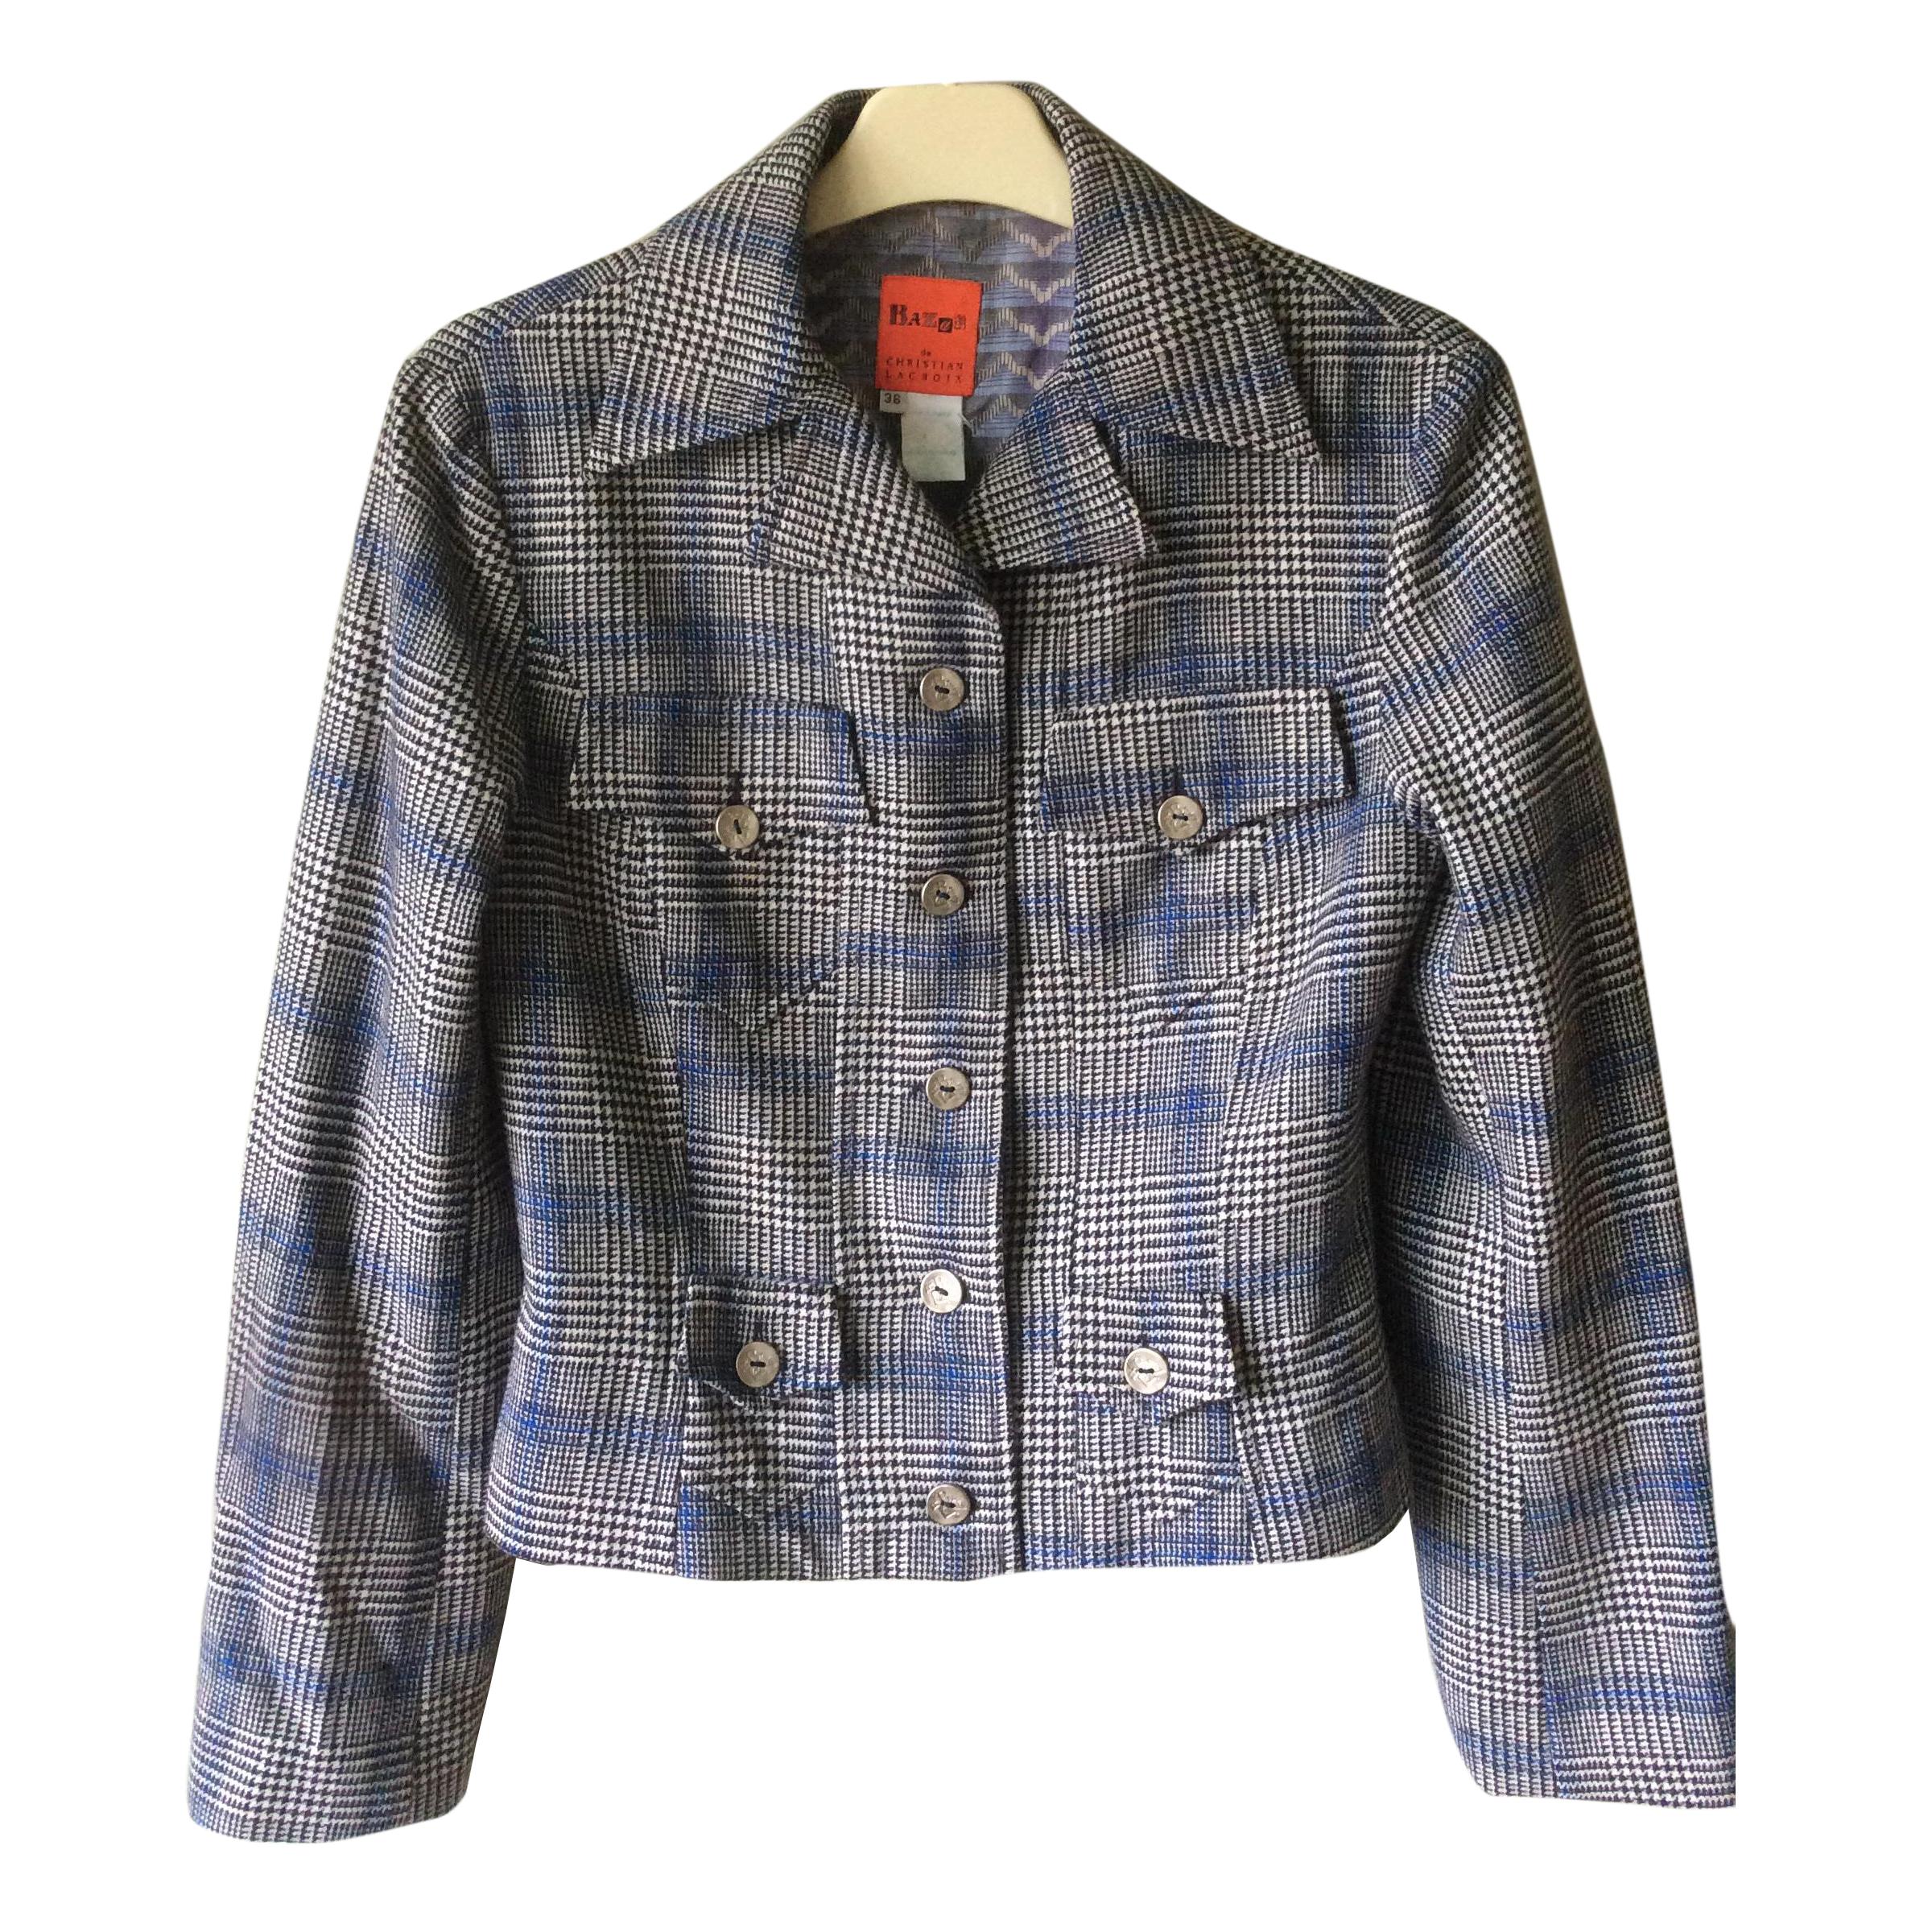 Bazar de Christian Lacroix short jacket